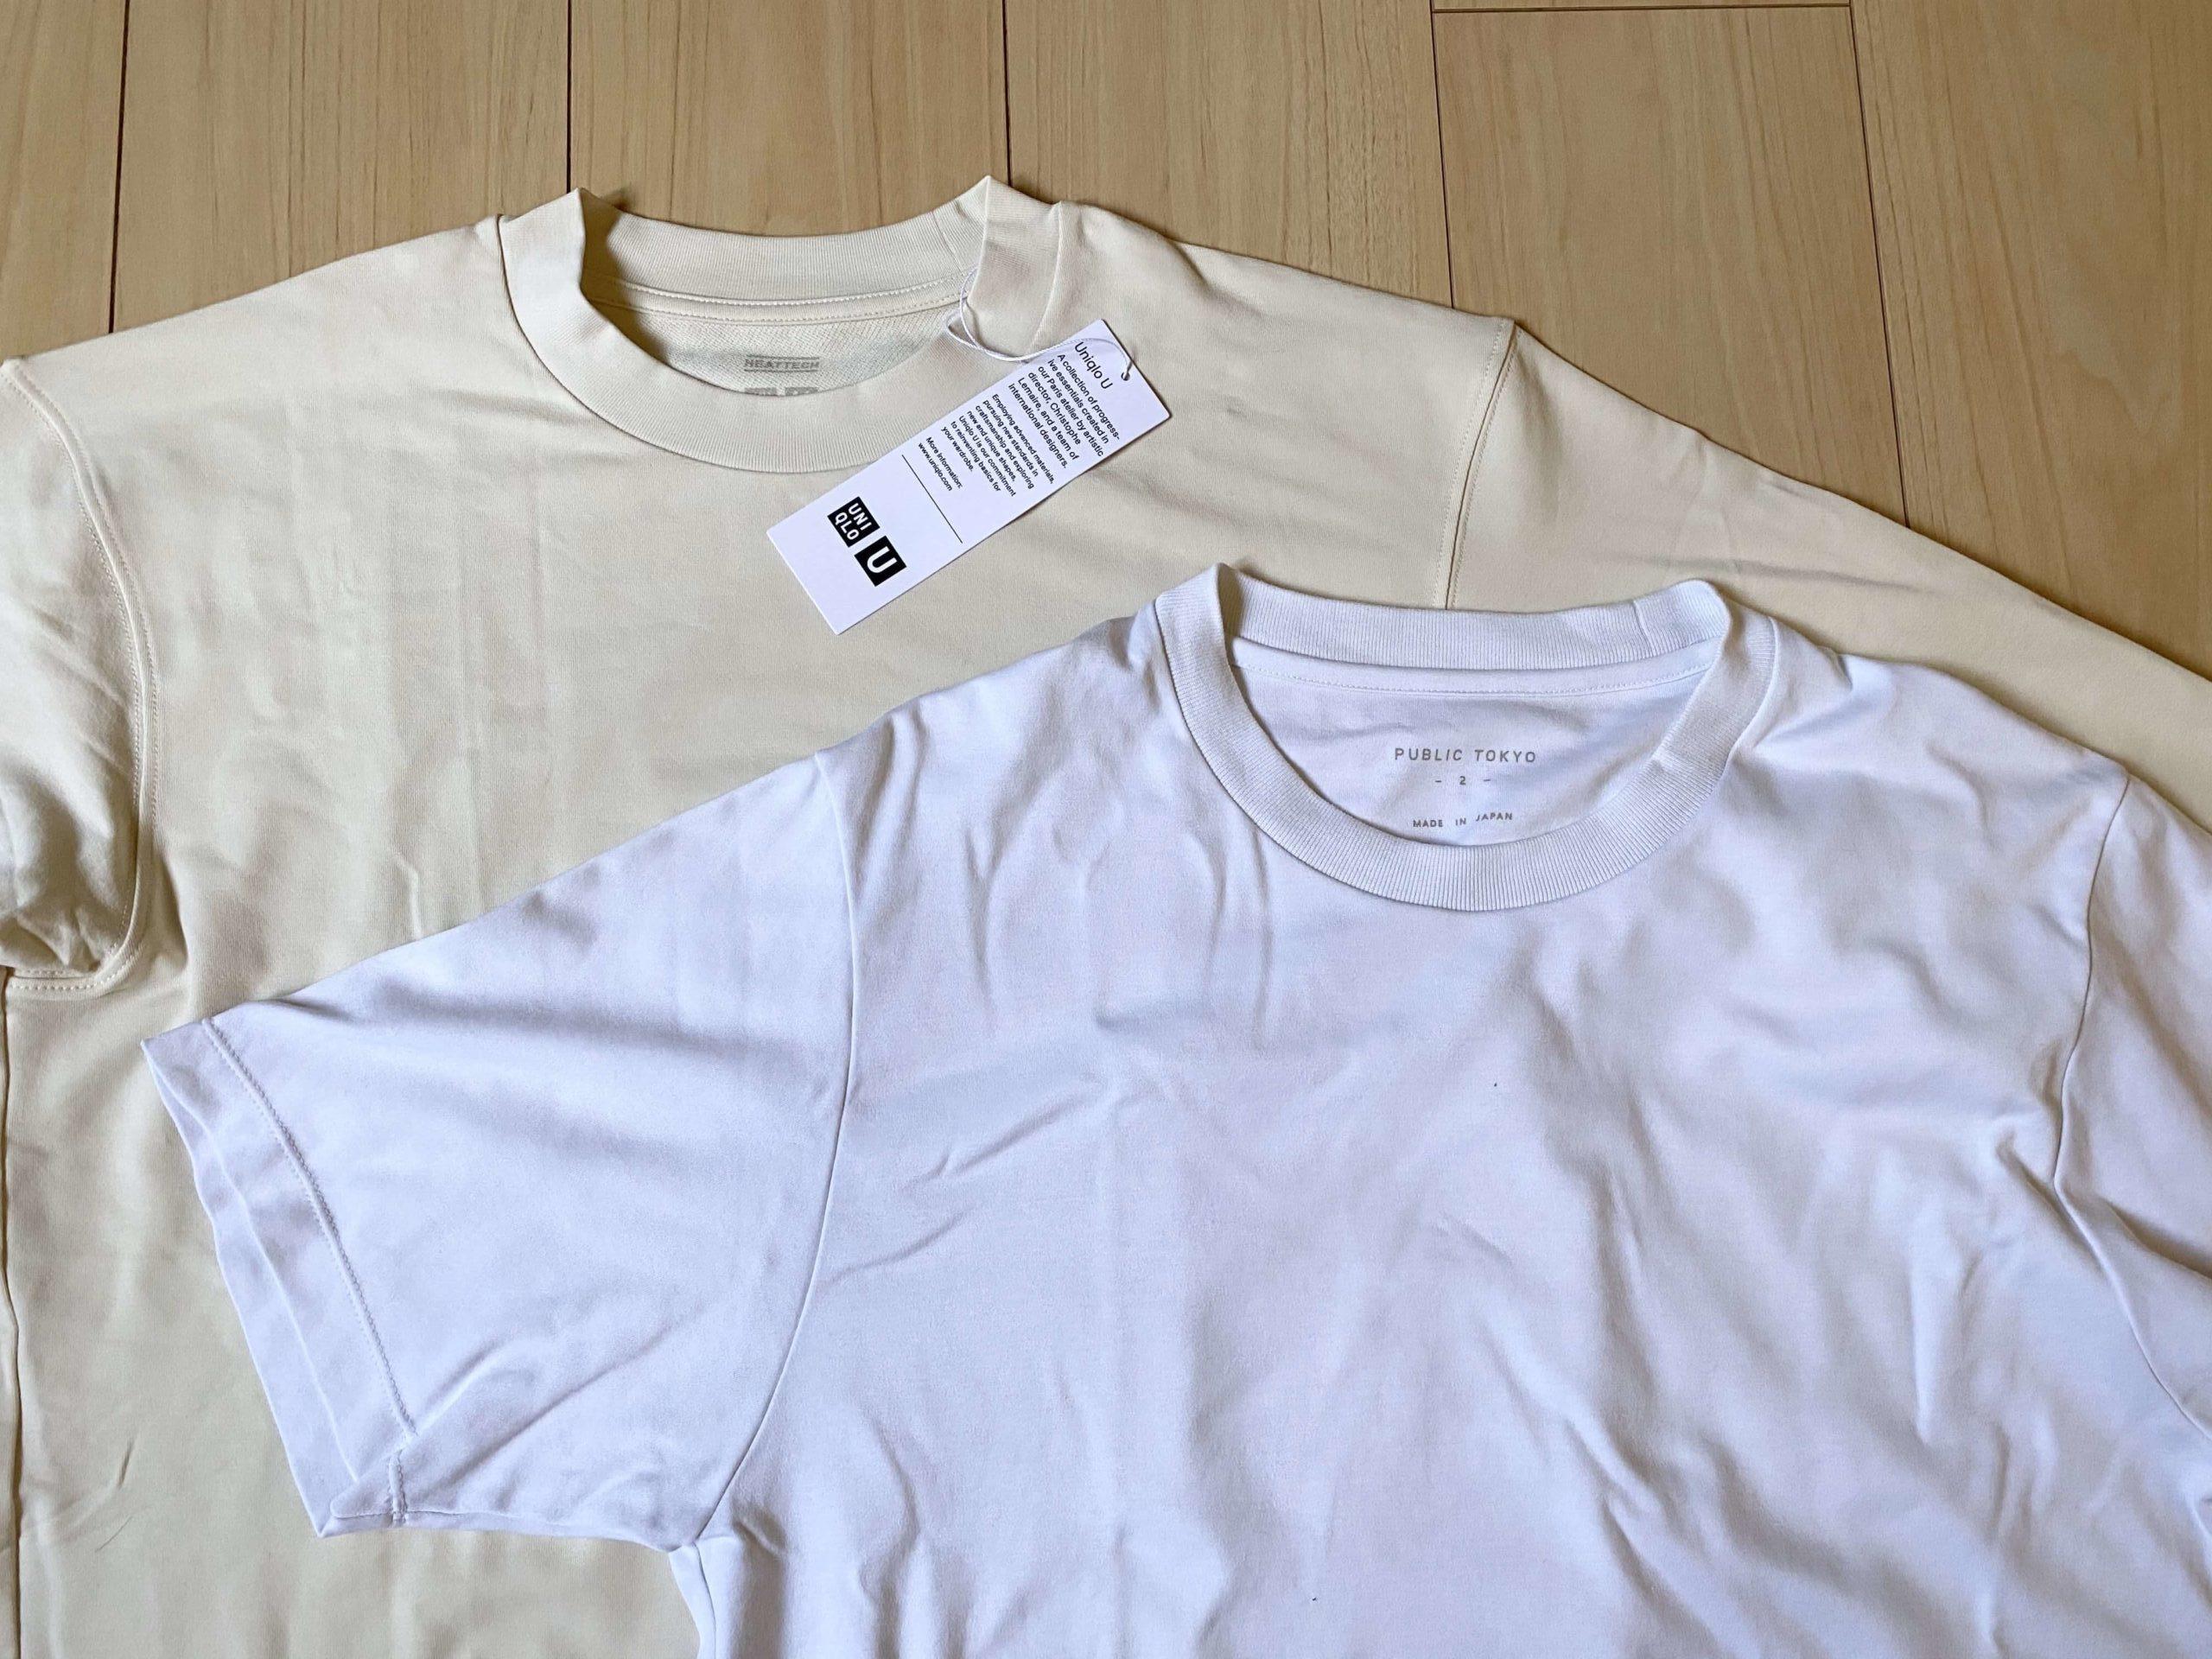 Uniqlo Uヒートテックを綿100%Tシャツと比較